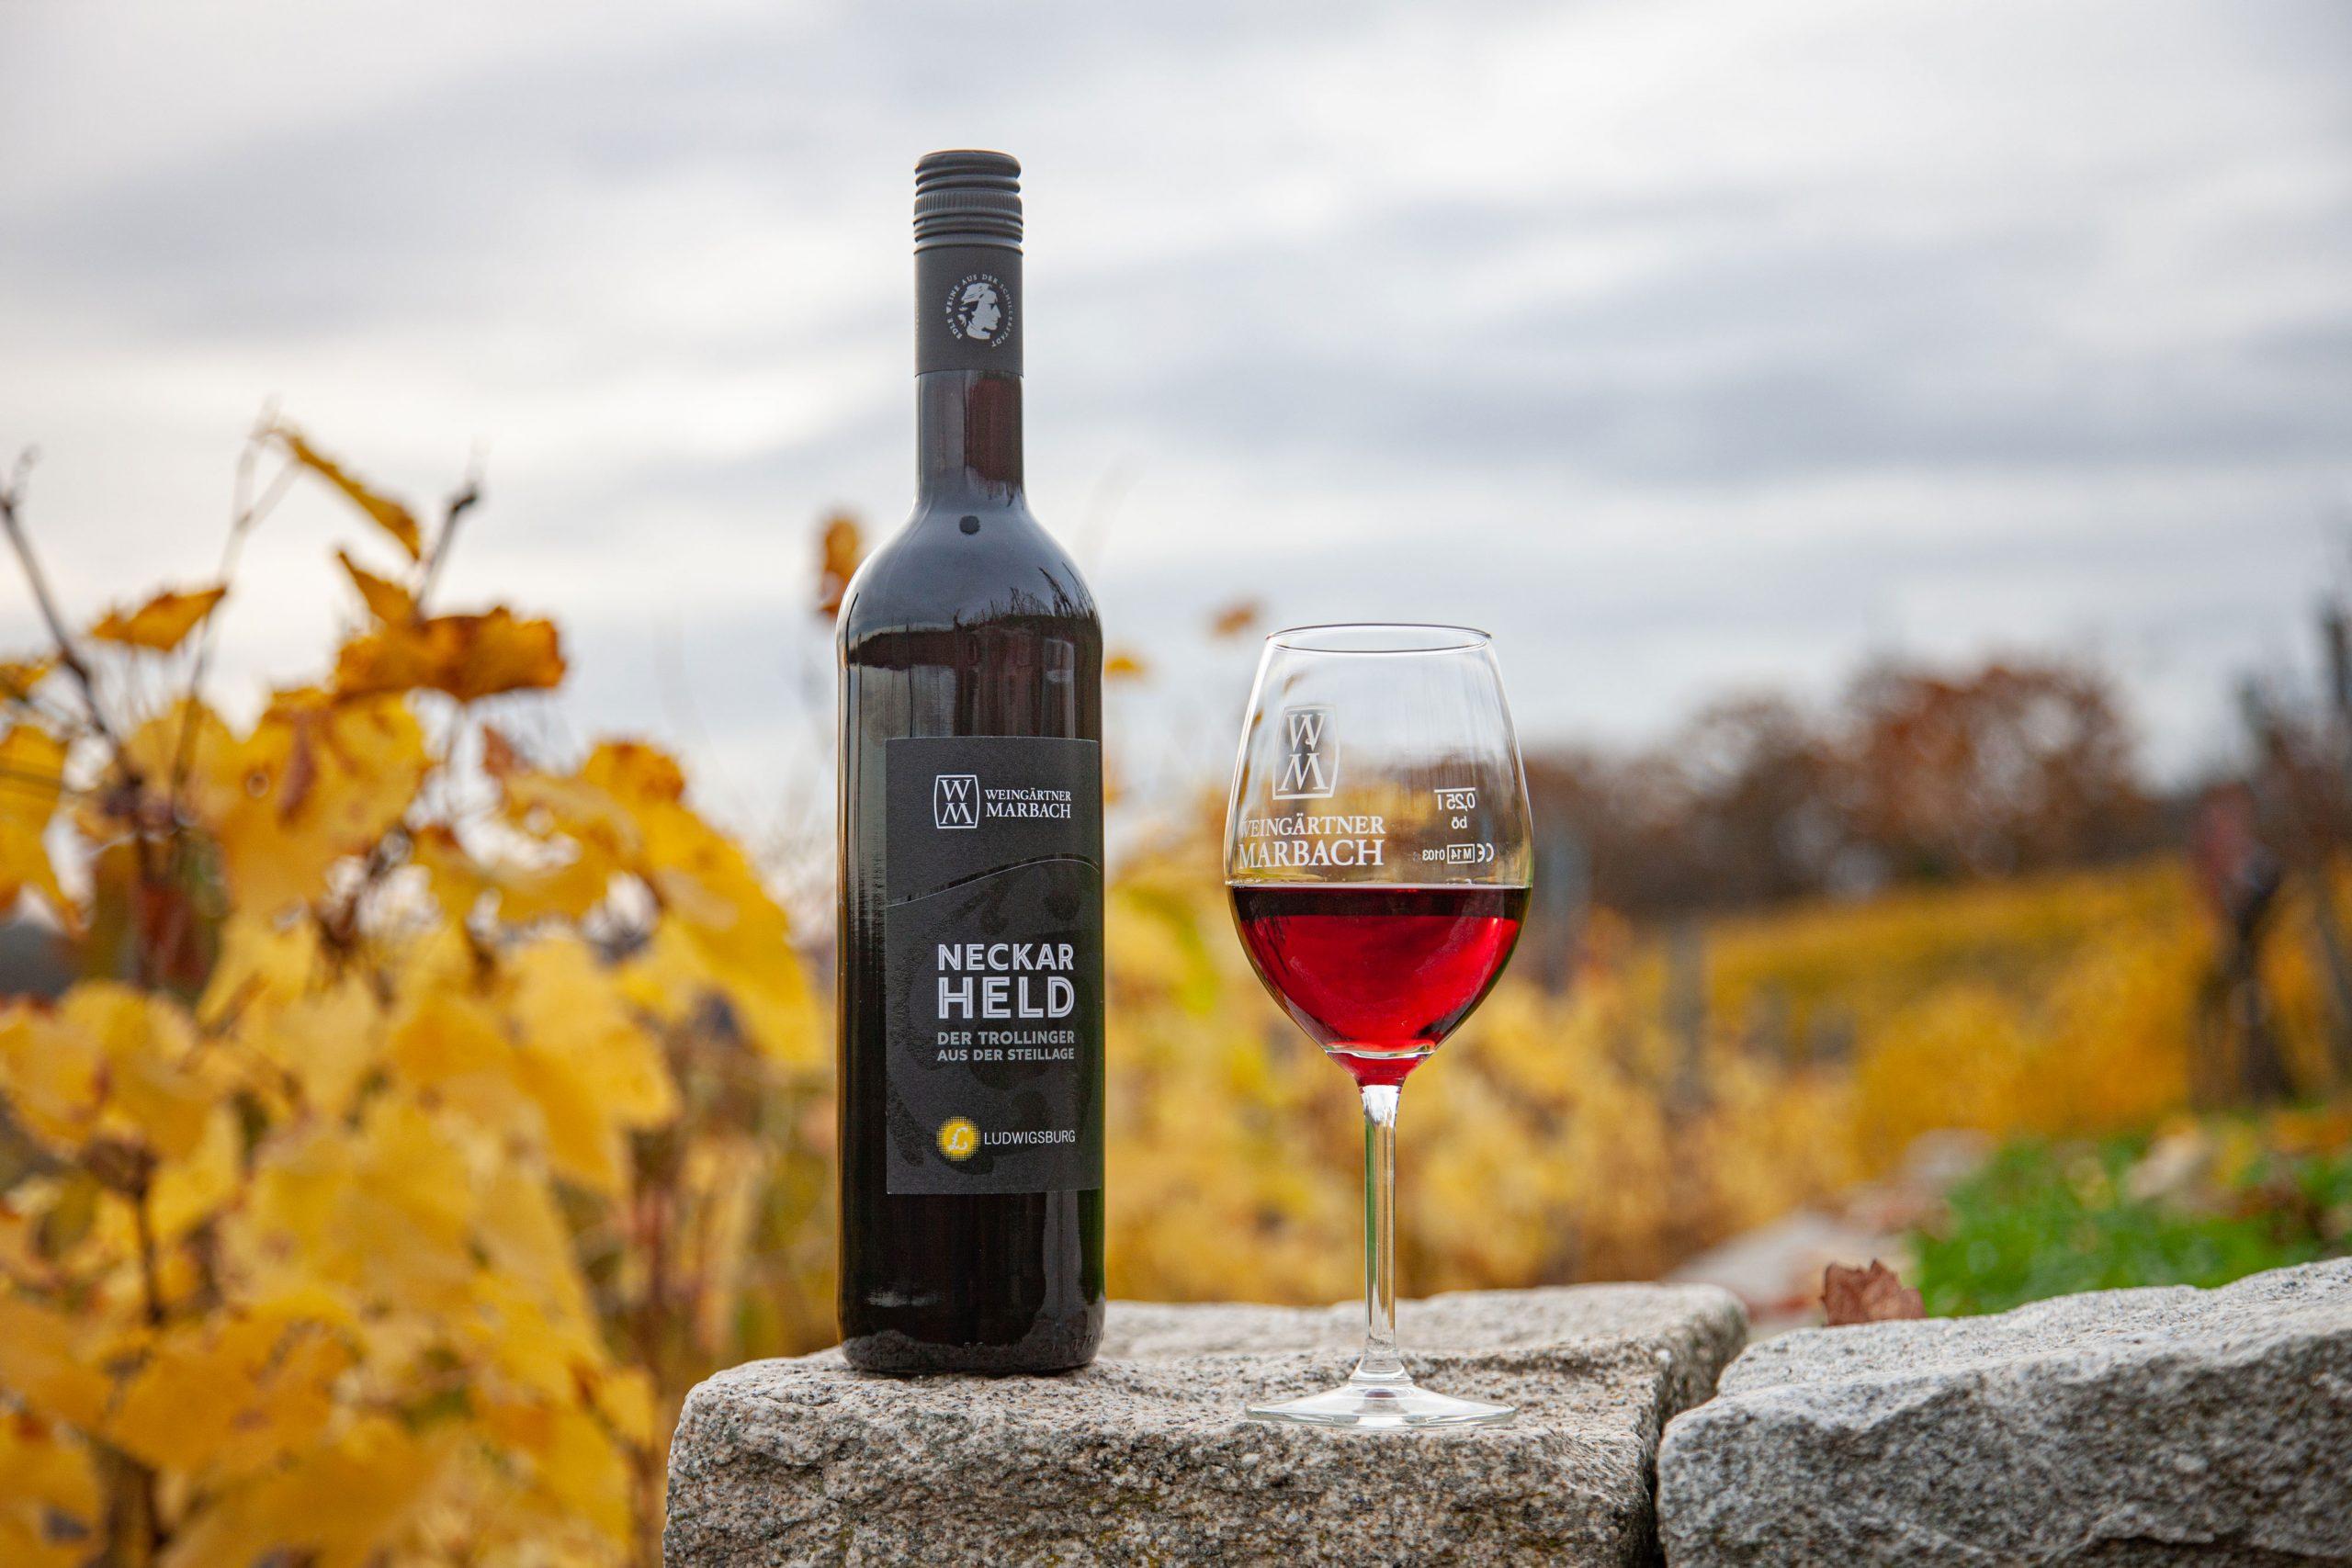 Ludwigsburg im Herbst: Was gibt es schöneres als ein Gläschen Neckarheld der Weingärtner Marbach